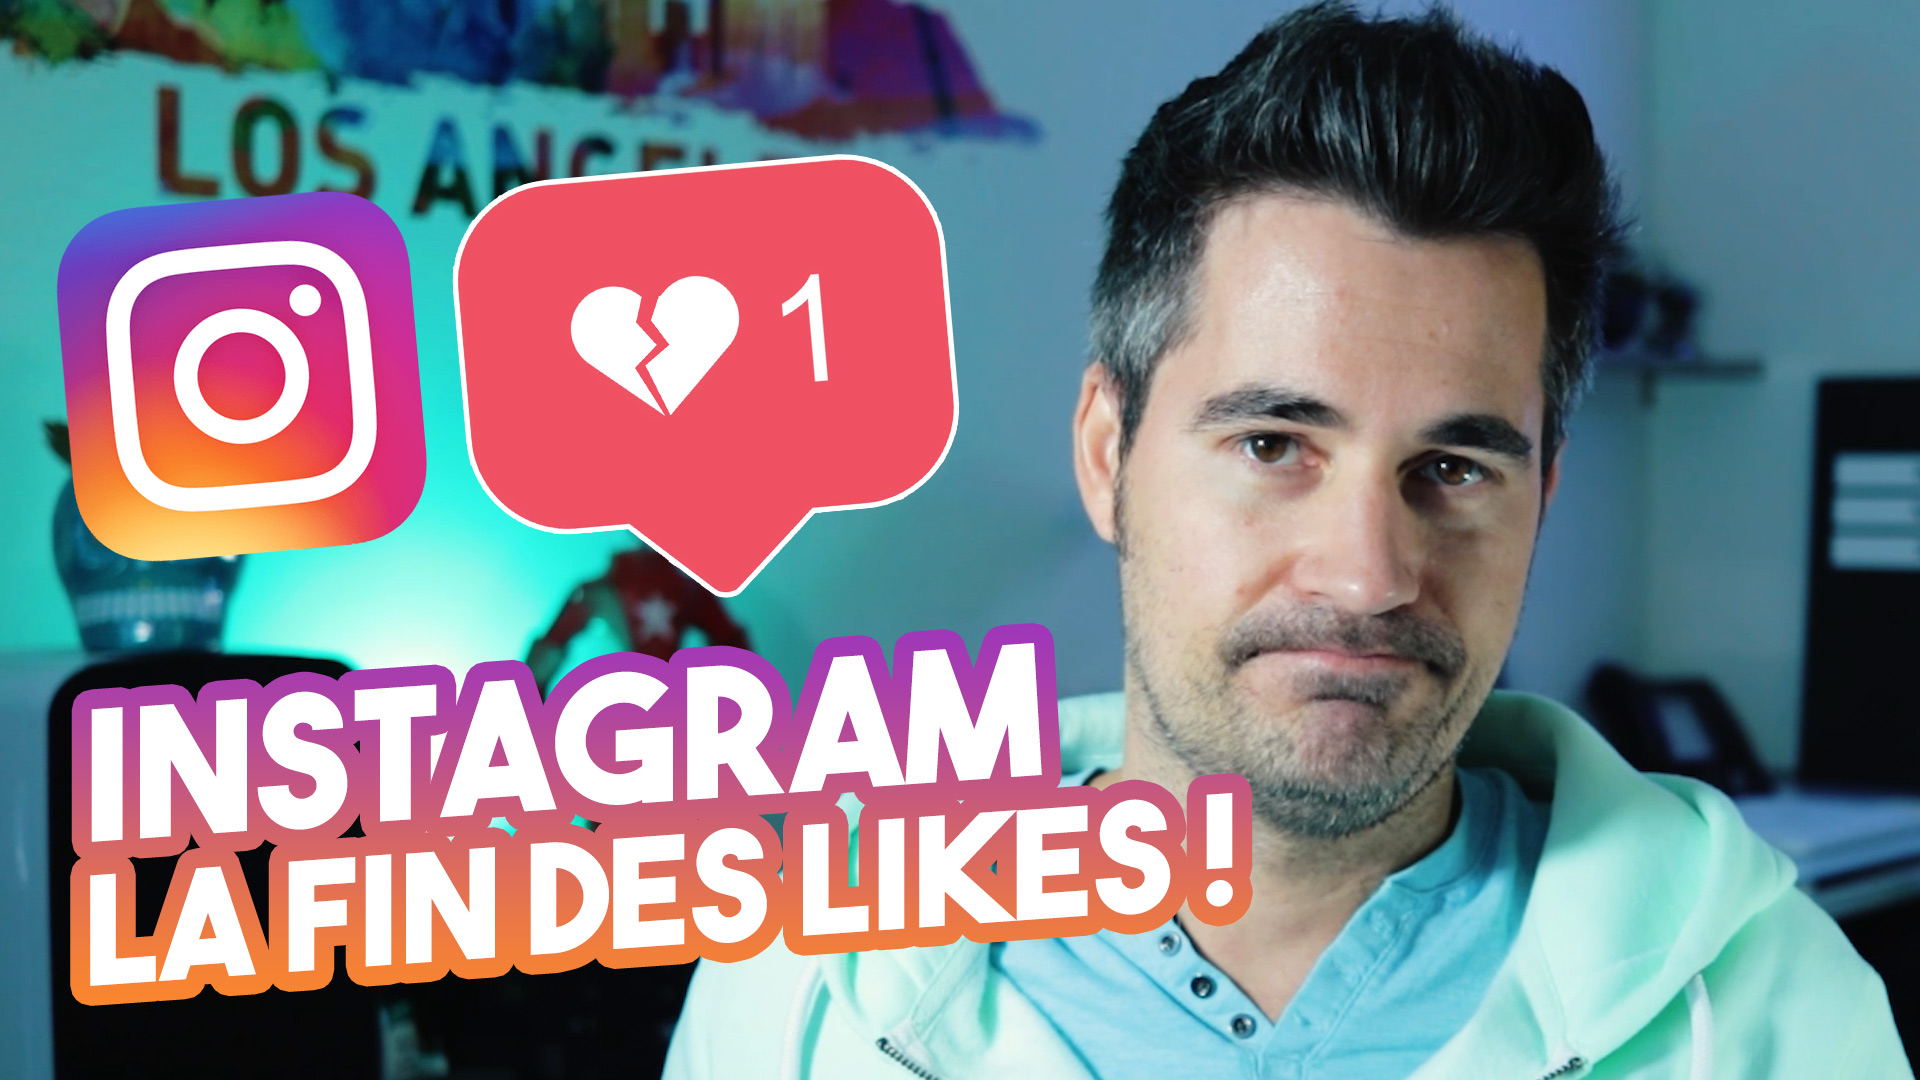 La fin des likes sur Instagram ! Mais pourquoi donc Instagram veut supprimer les likes ?